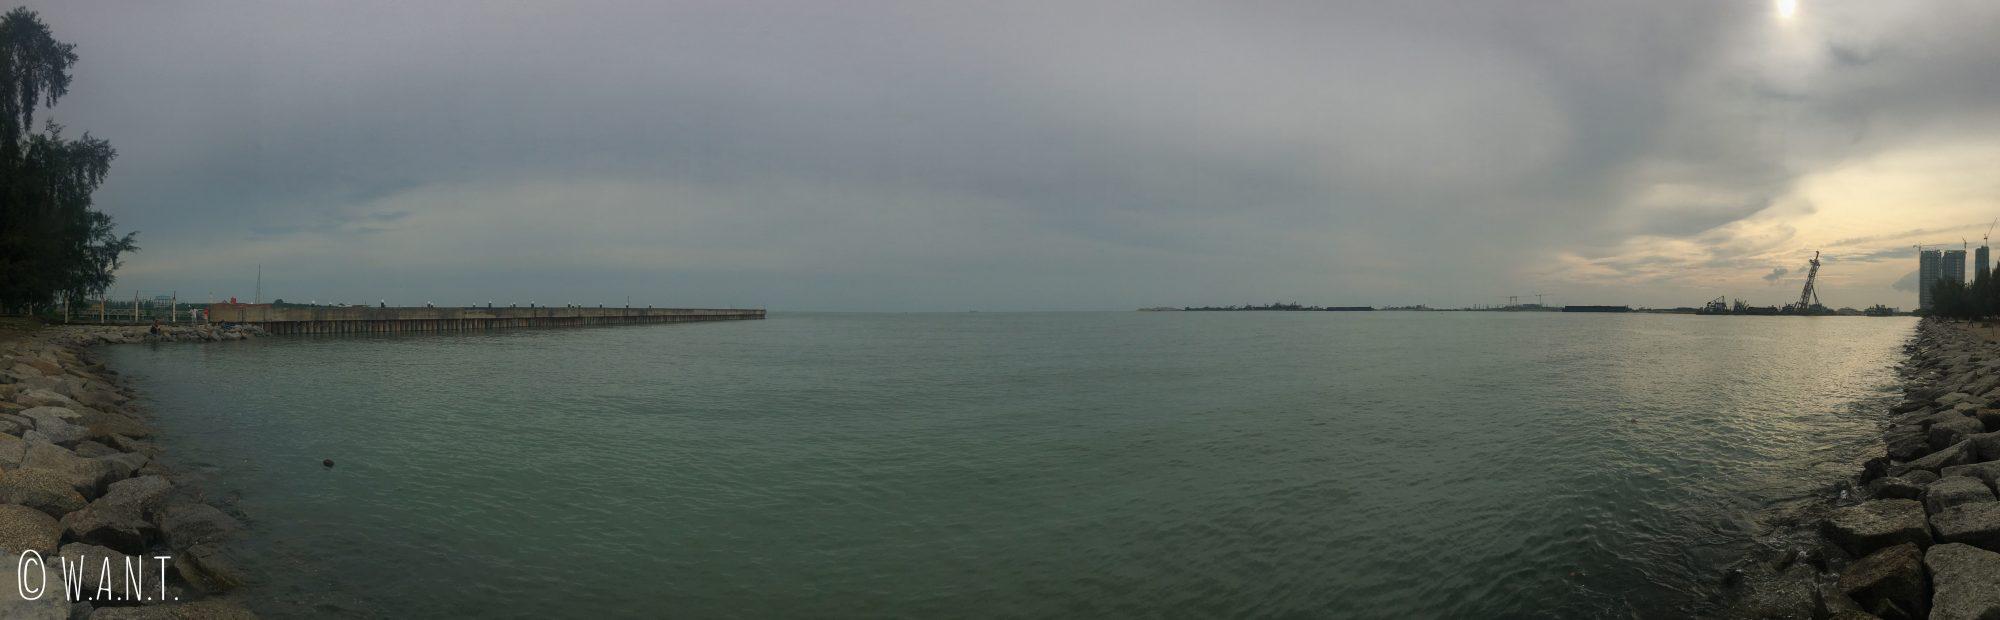 Vue panoramique sur le détroit de Malacca